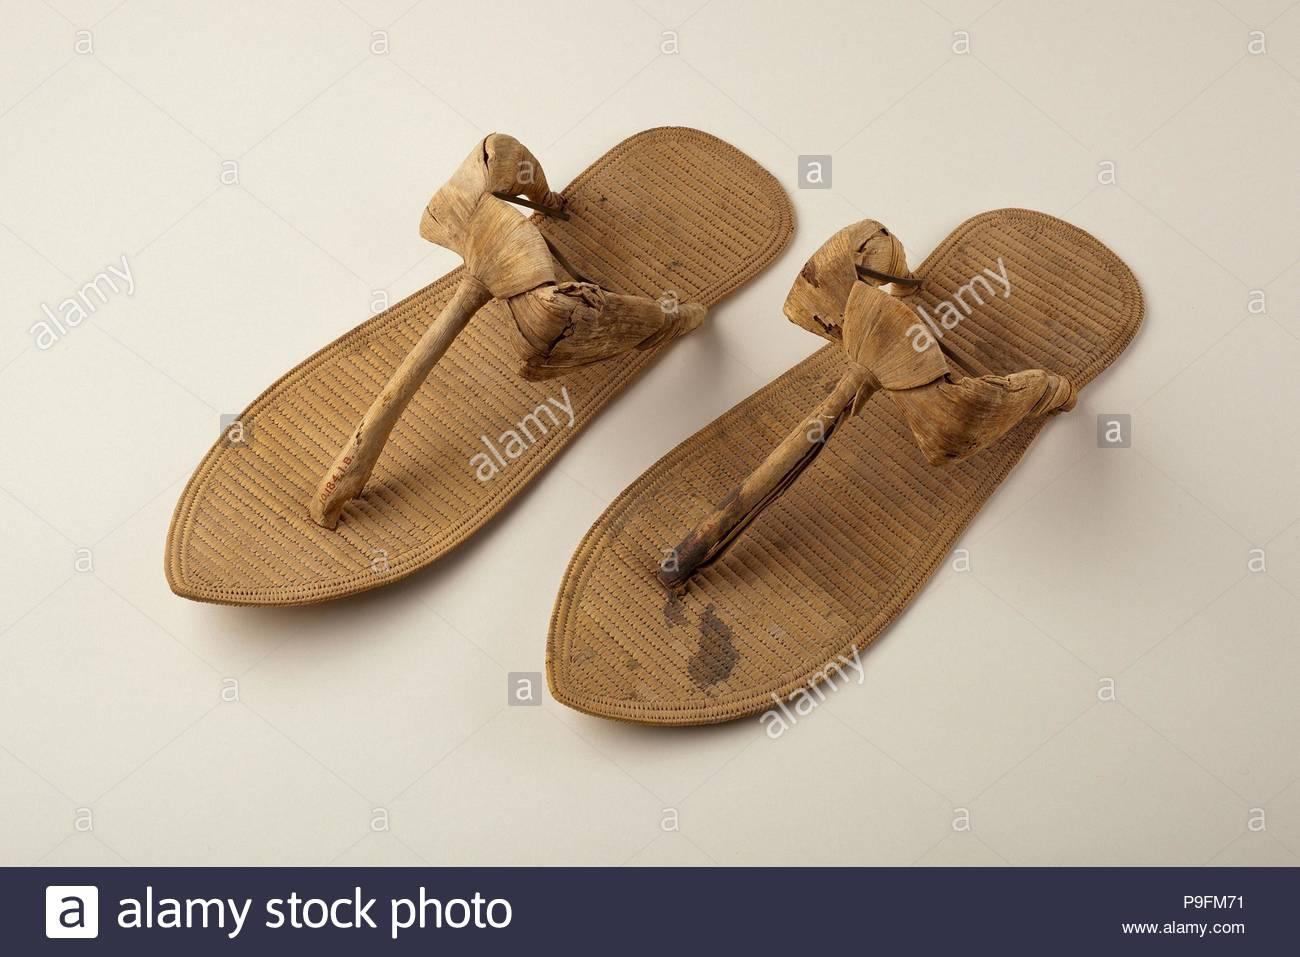 736f043c7343b Pair of Sandals